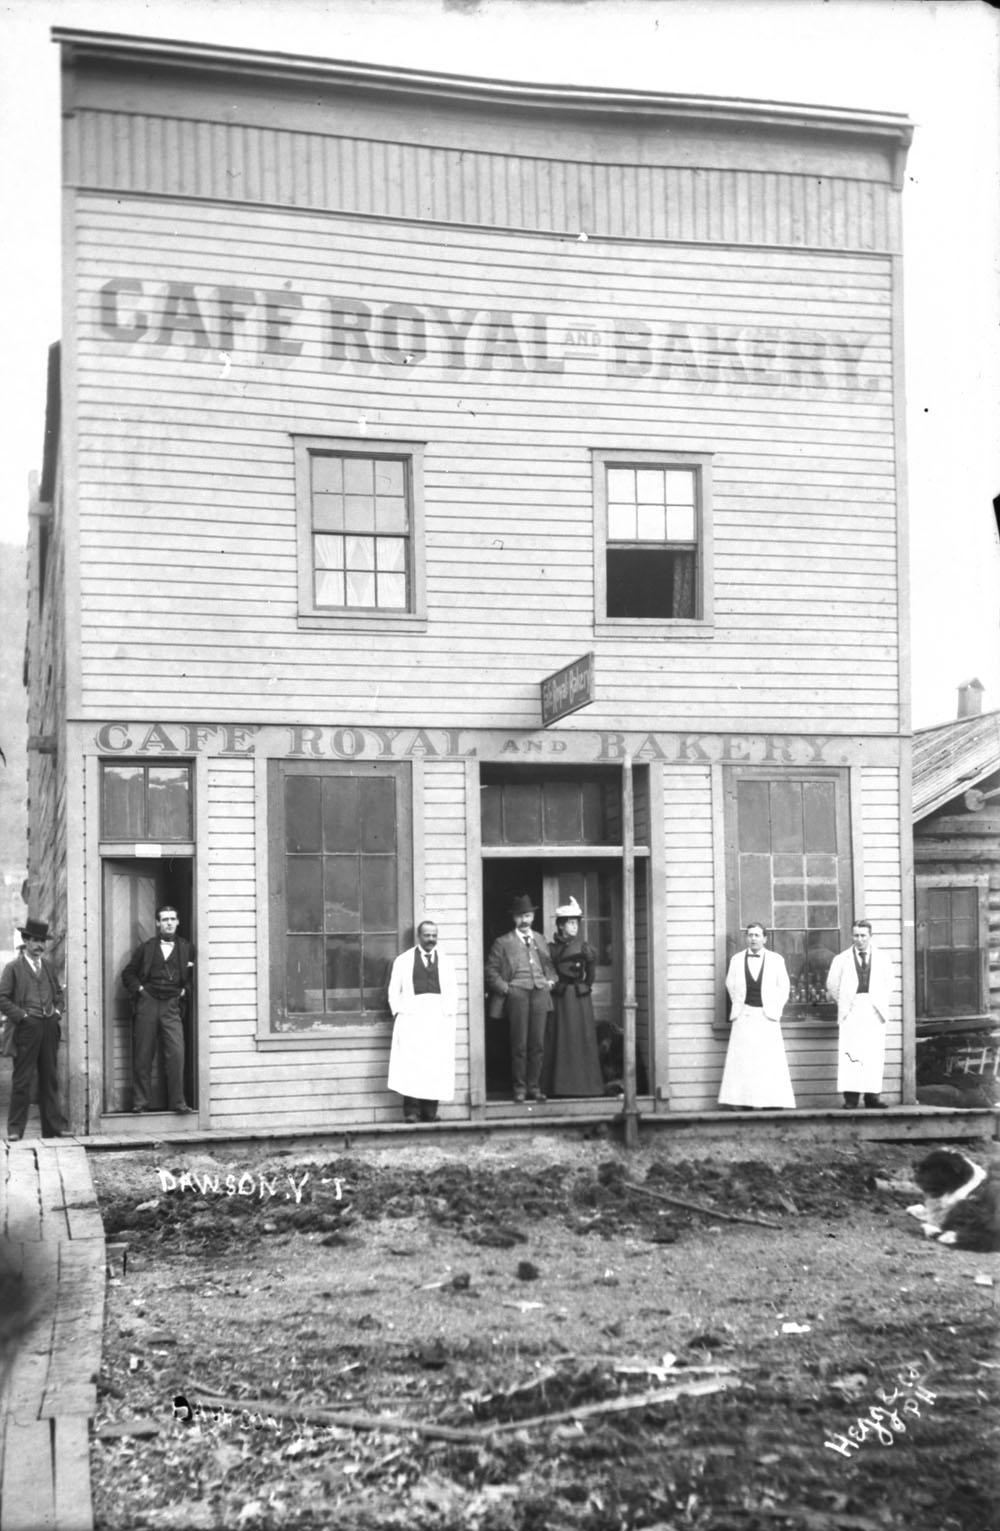 Un bâtiment en bois porte la mention « Café Royal and Bakery ». Trois serveurs et quatre clients se tiennent debout sur le trottoir de bois, devant le bâtiment.